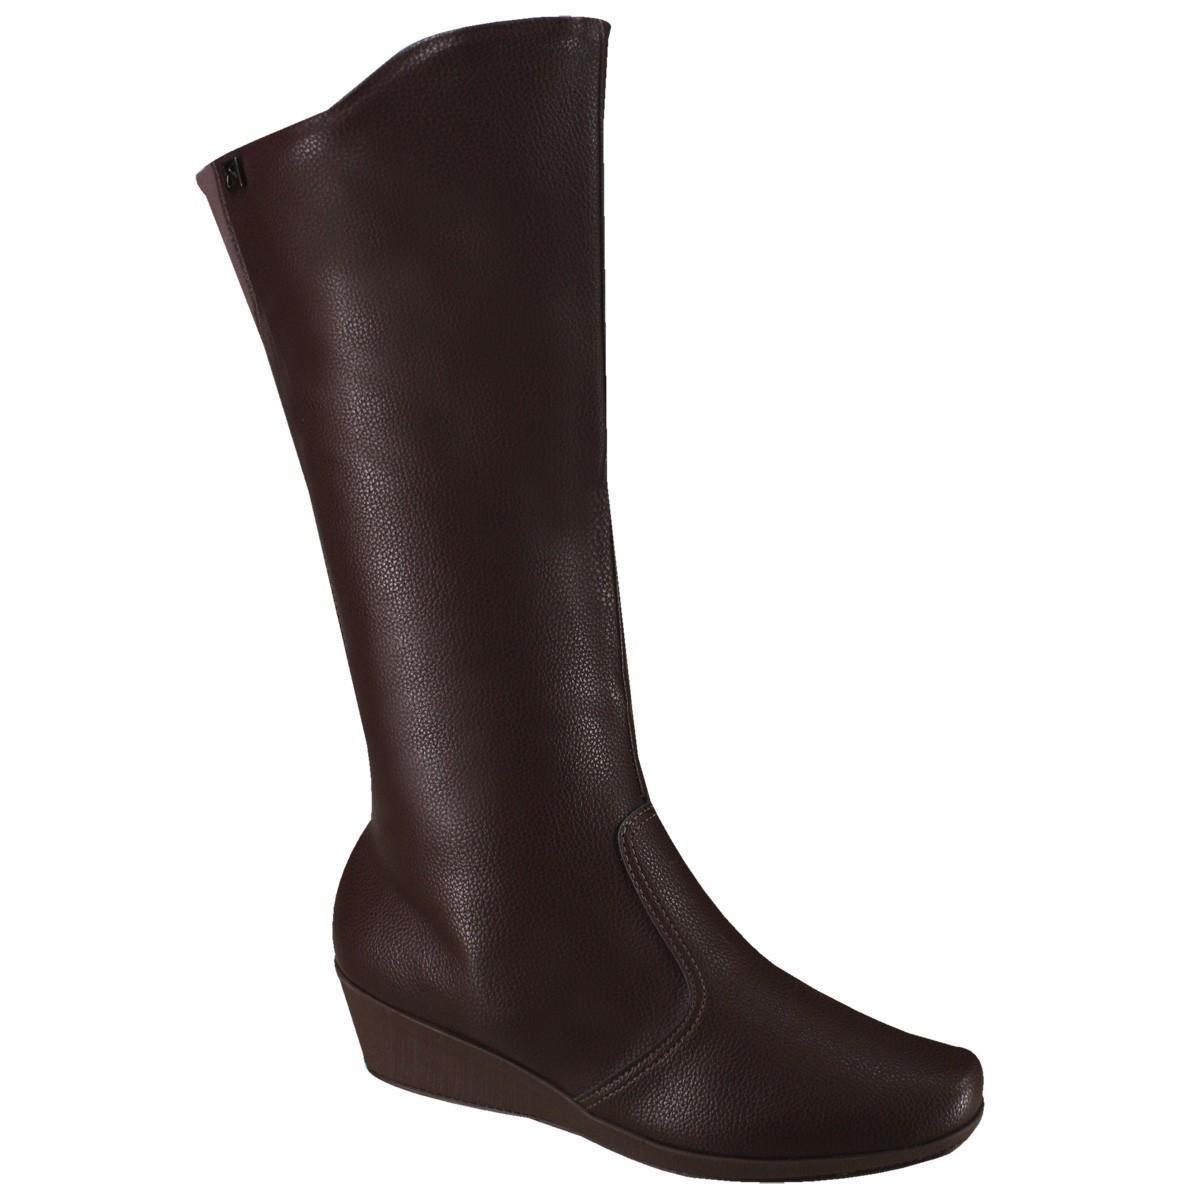 24055f5777 Bota Feminina Anabela Piccadilly Fashion Comfort 143142 Madeira